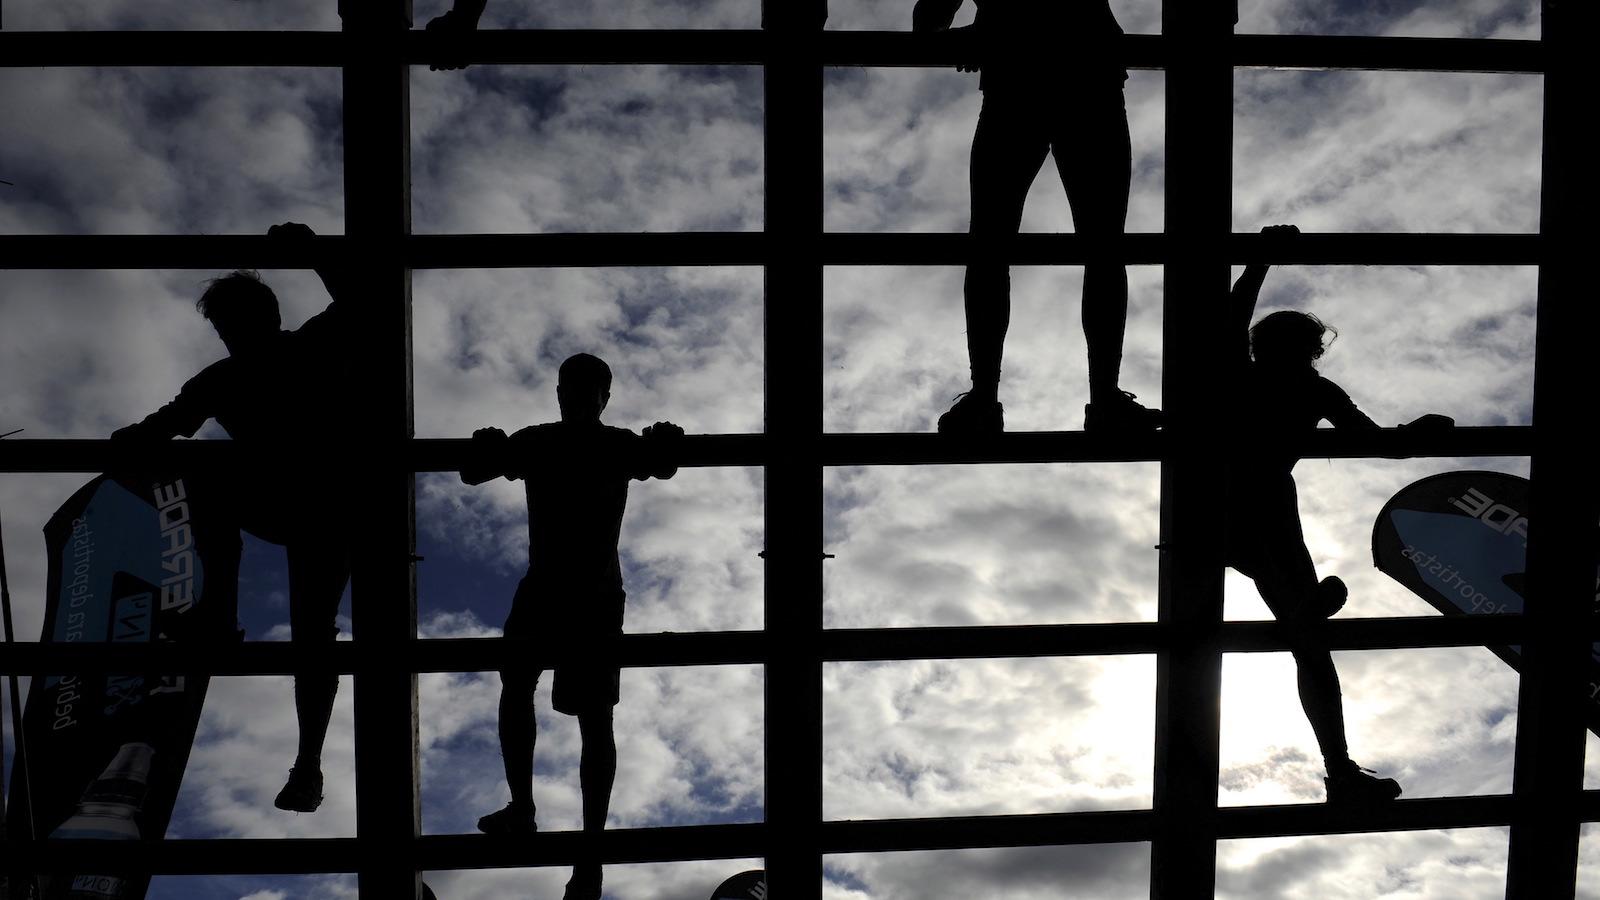 Climbing ladders